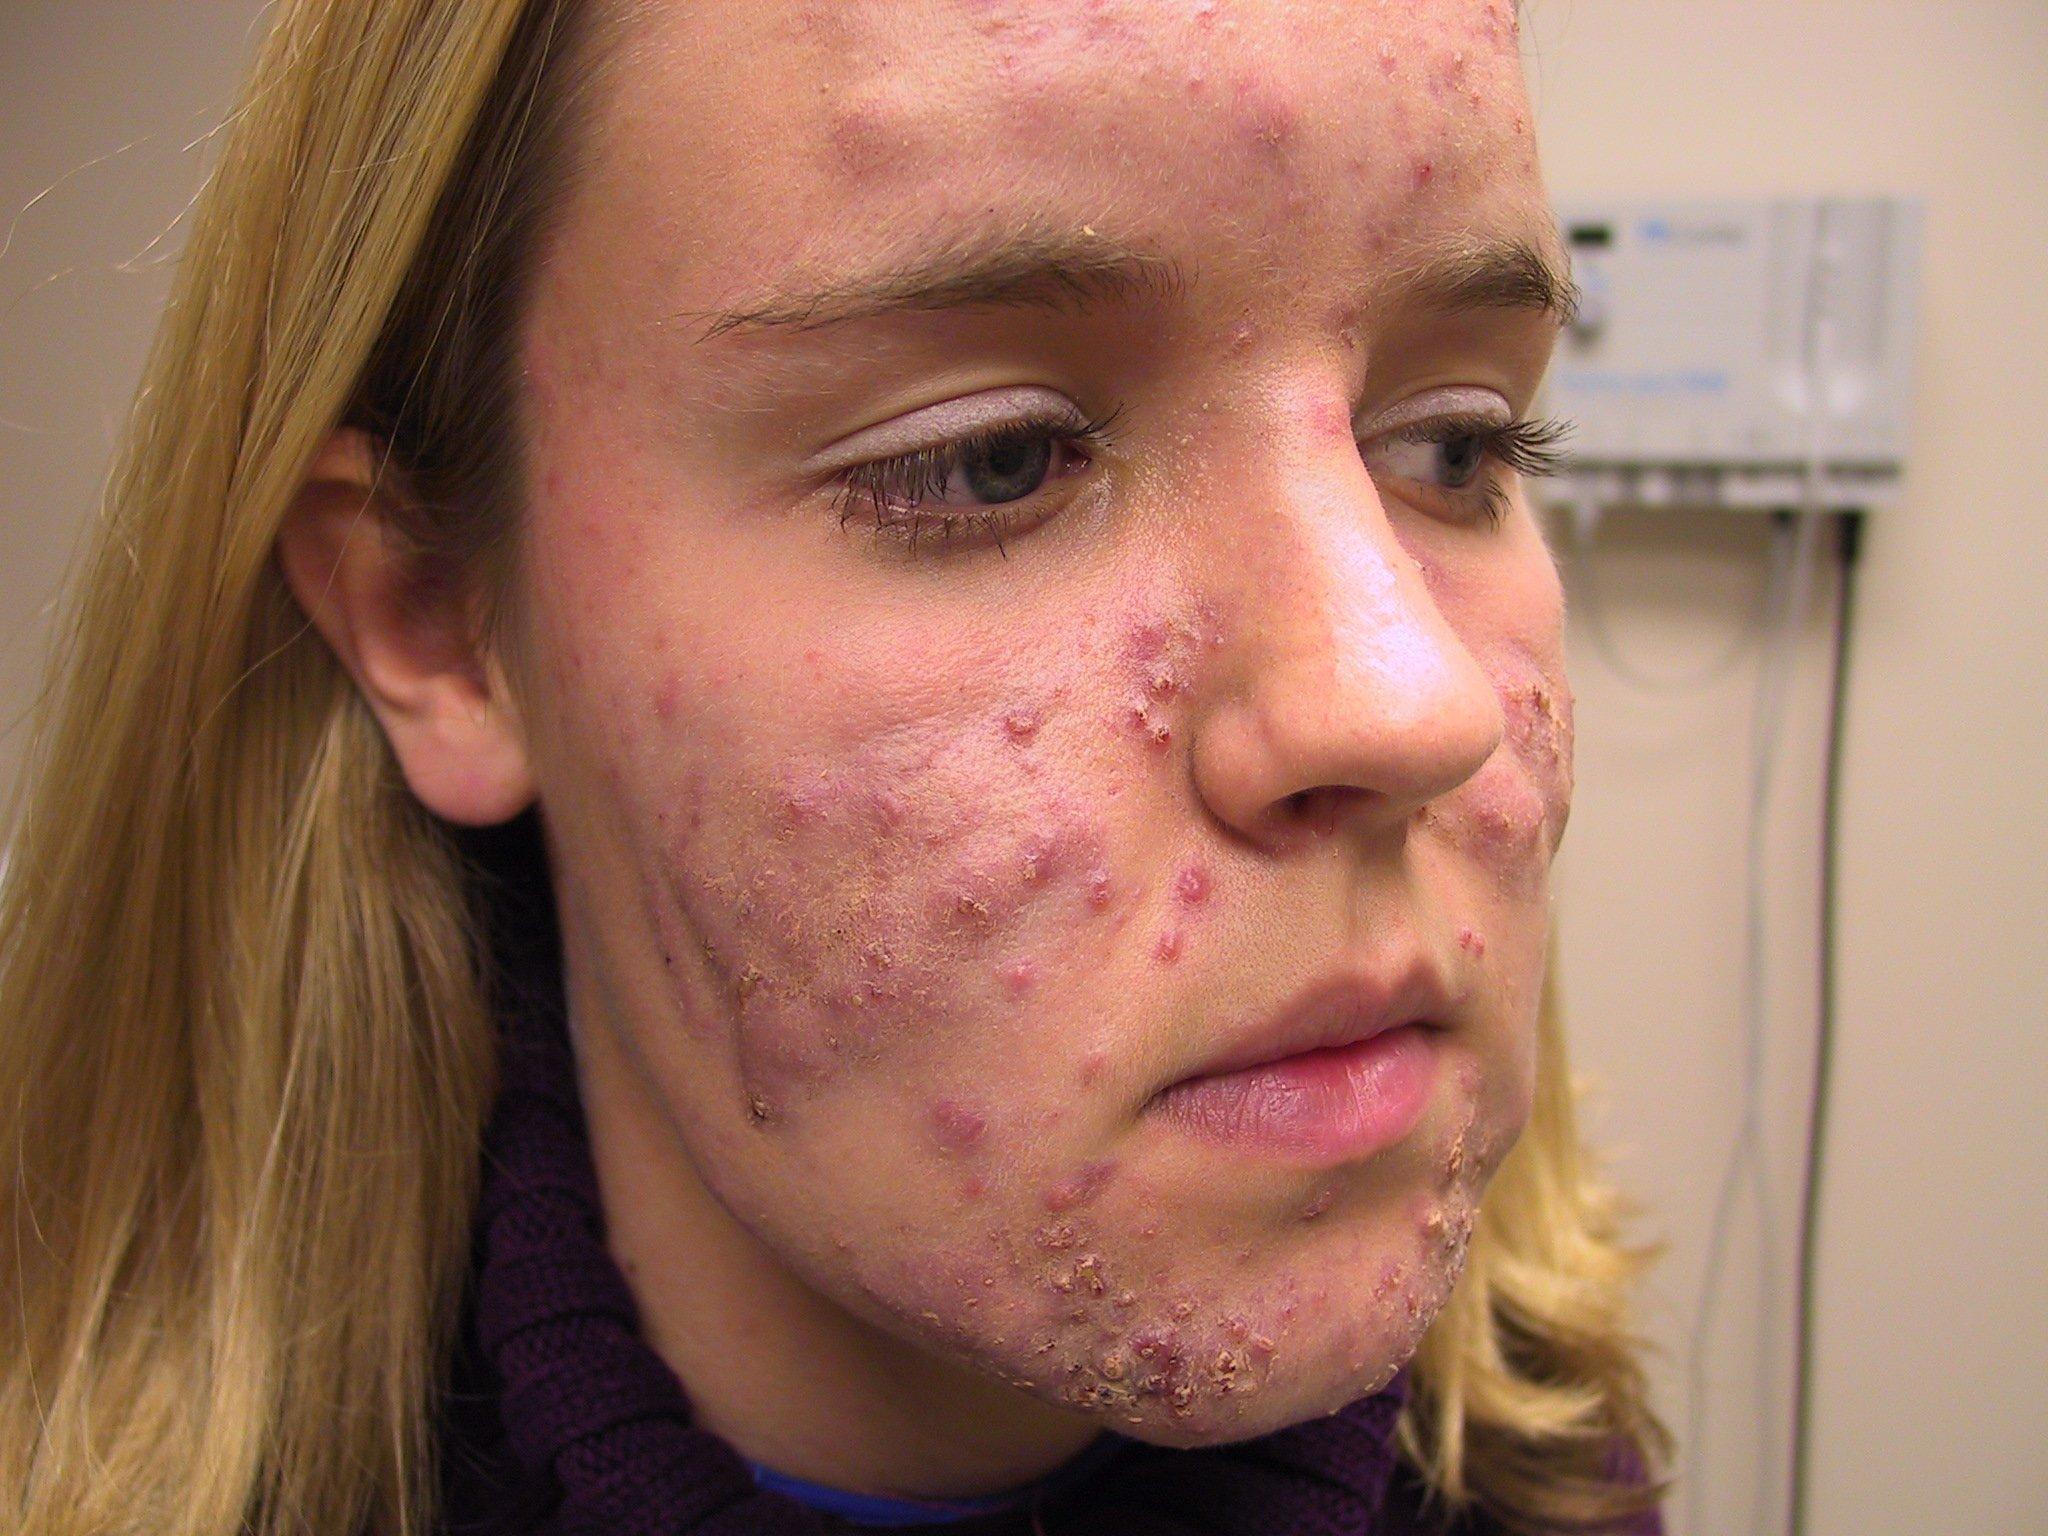 vörös foltok az arcon a pattanások kezelése után hogyan gyógyítottam meg a pikkelysömör gyógyszert